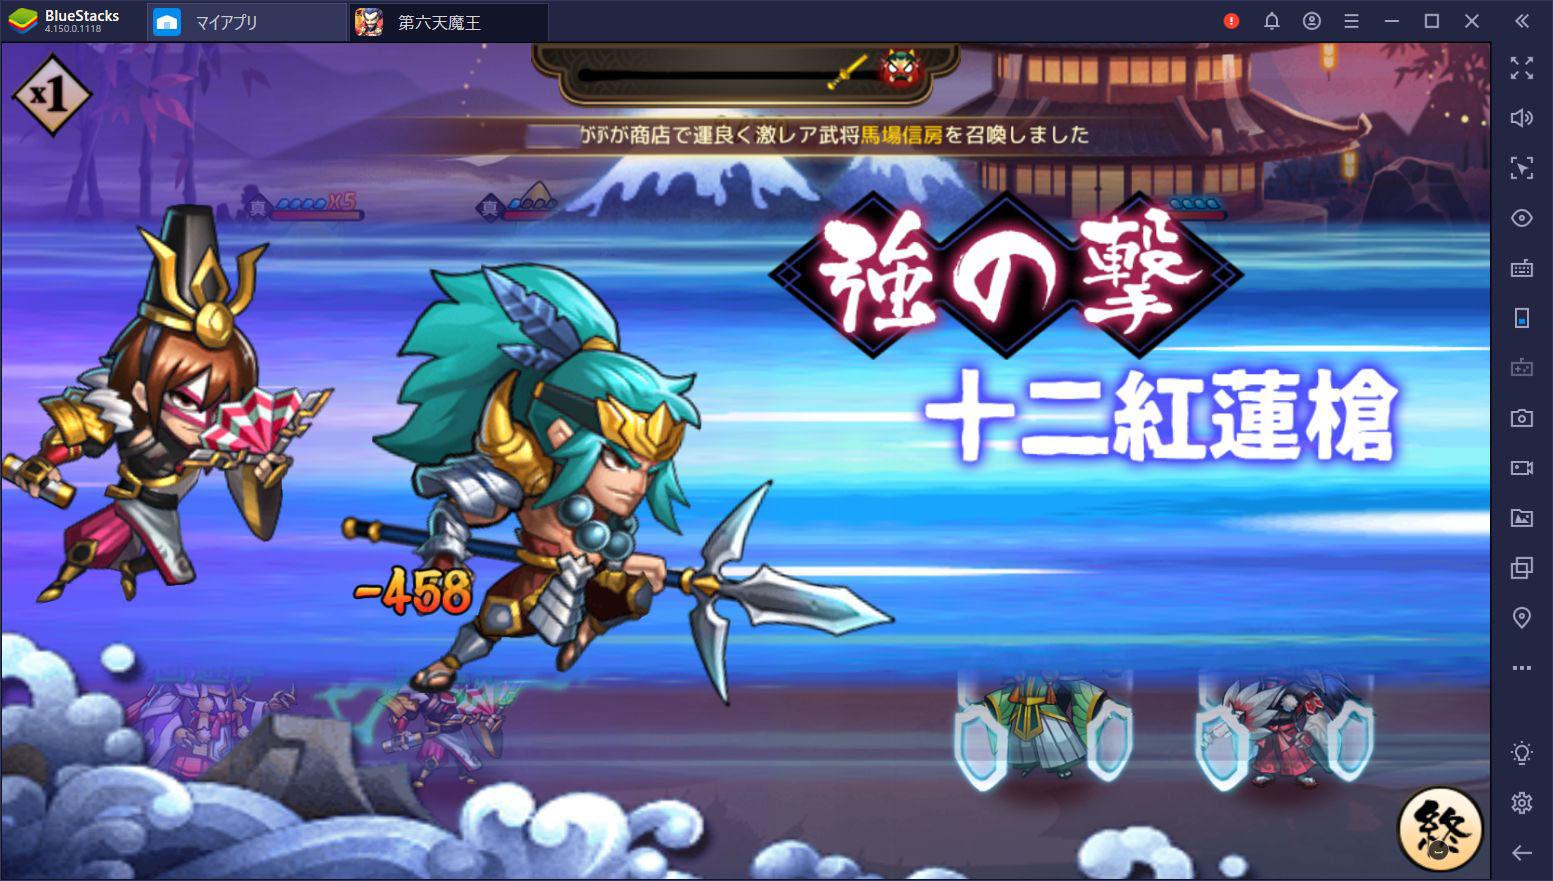 BlueStacksを使ってPCで『第六天魔王ーこの乱世を生き抜く!』を遊ぼう